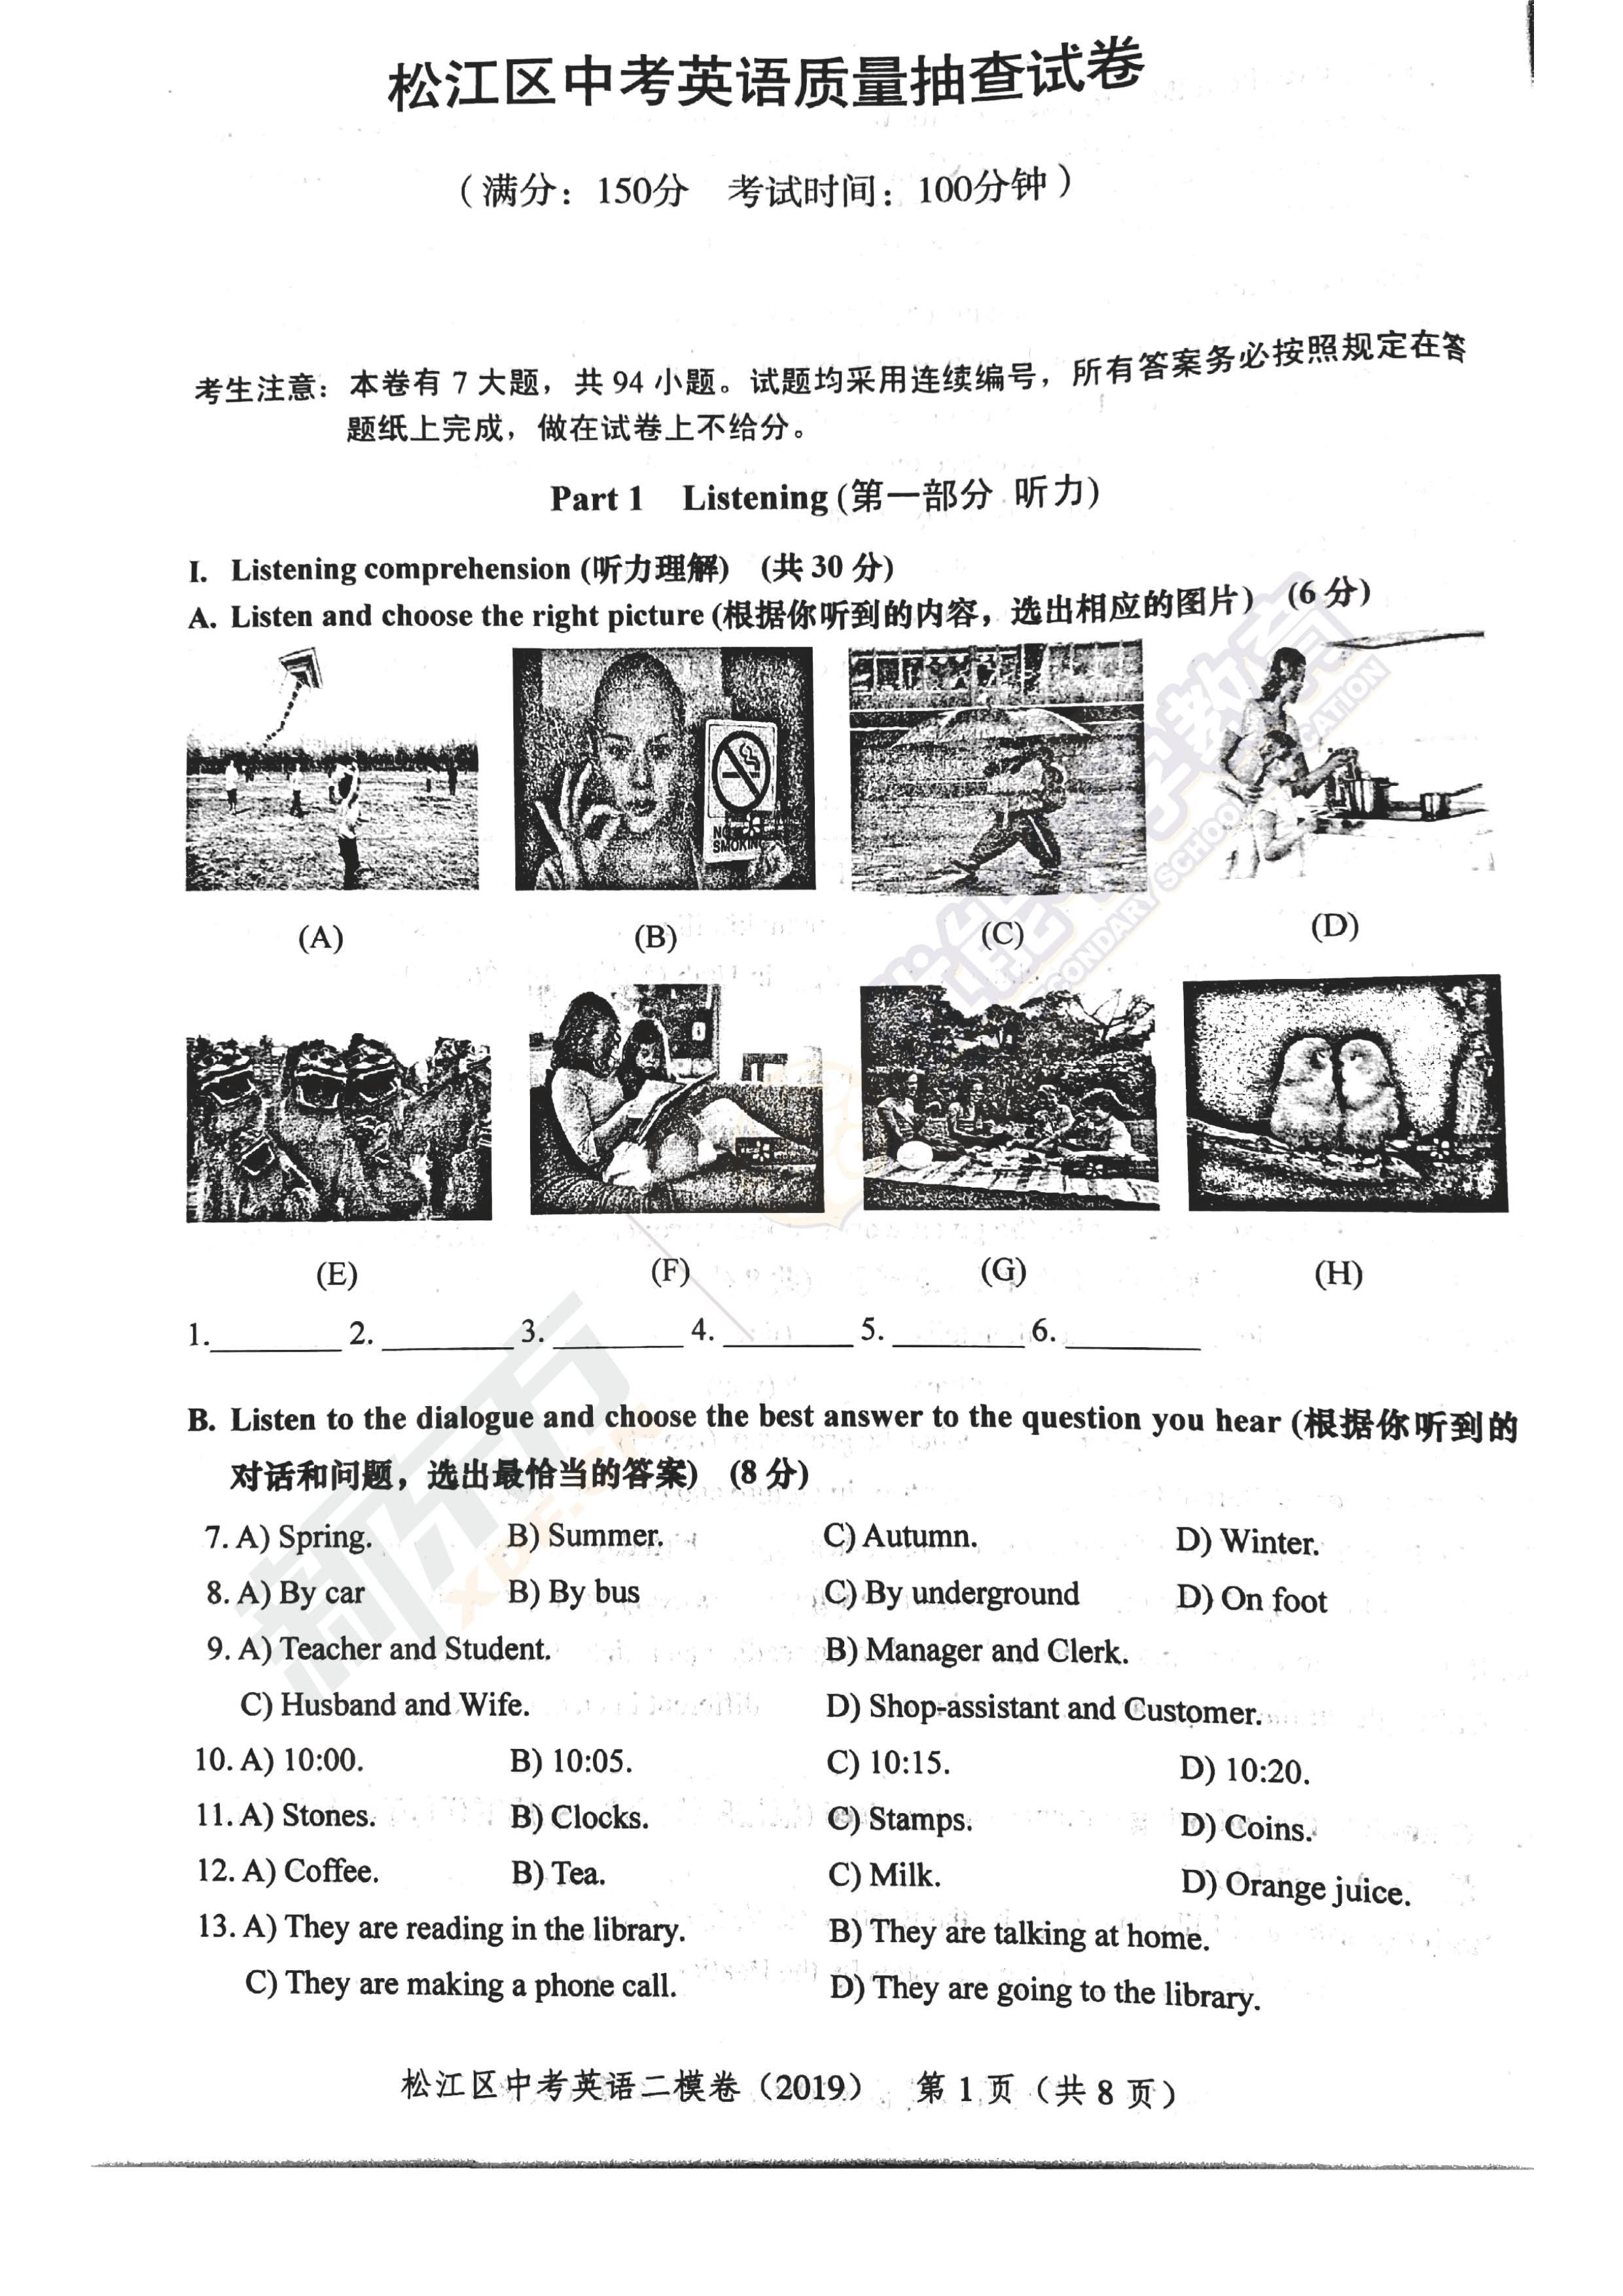 2019上海松江中考二模英语试题及答案